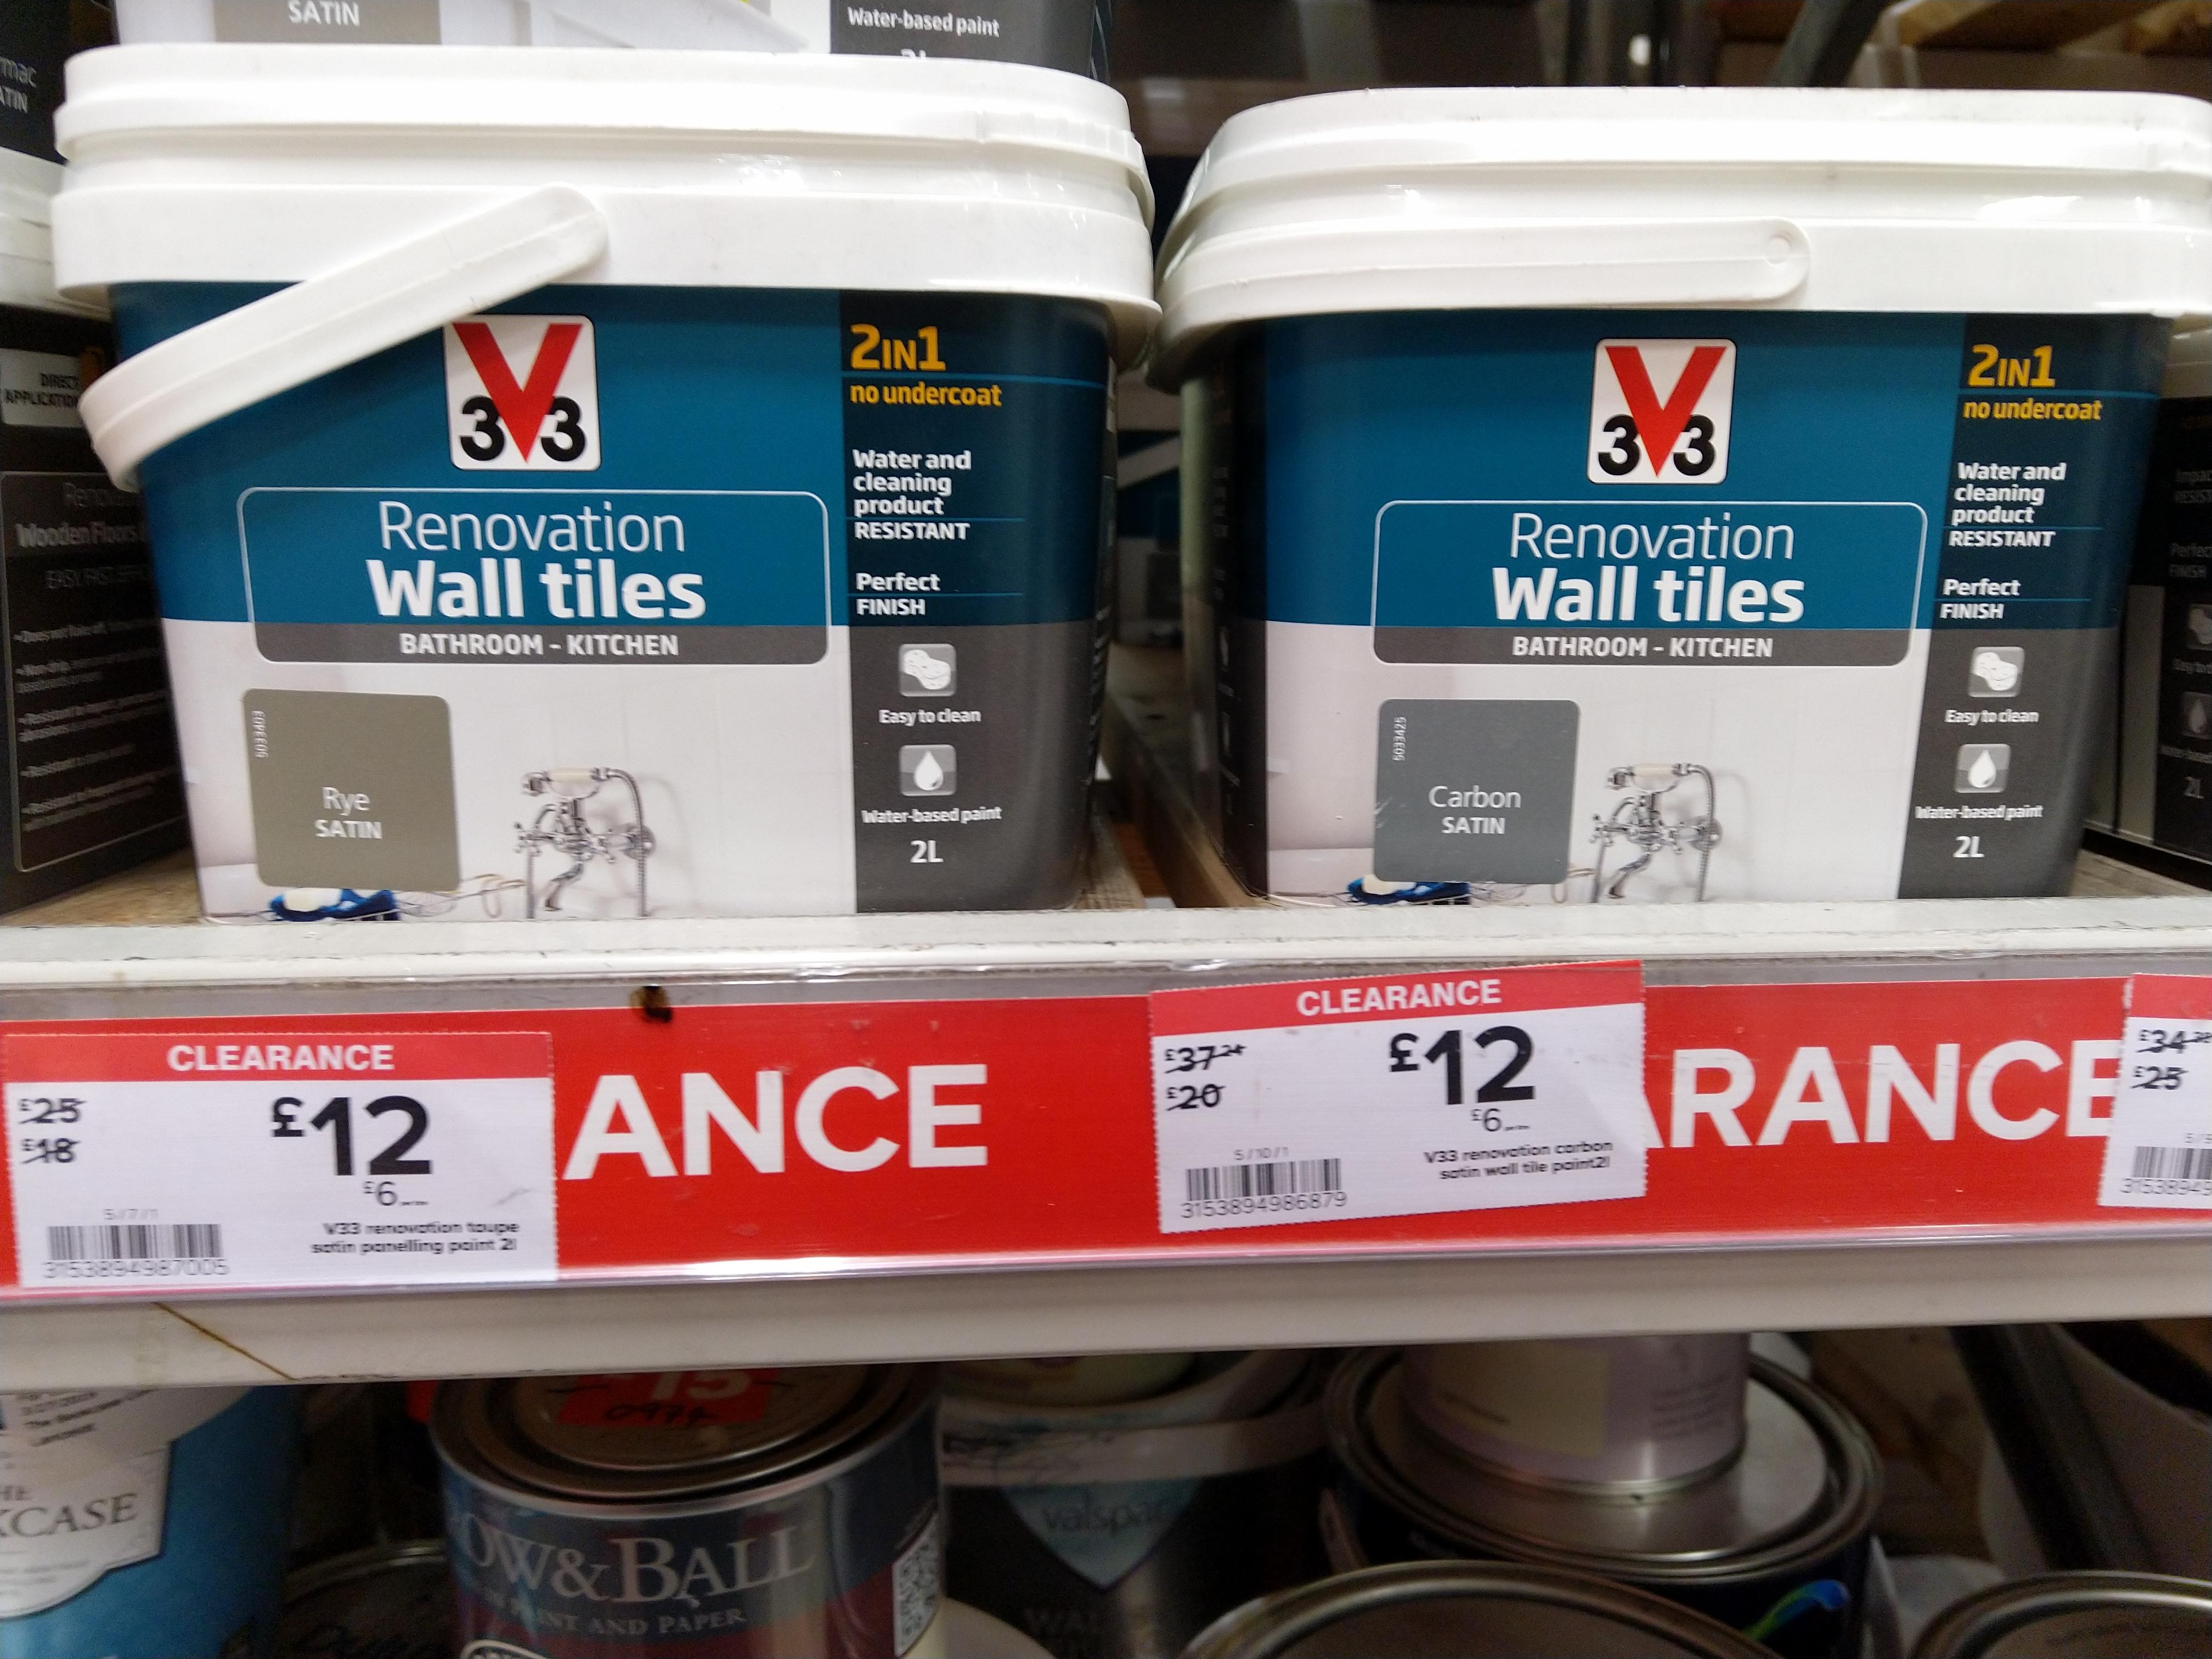 V33 Bathroom Kitchen 2 Litre Tile Paint At B Q For 12 Hotukdeals